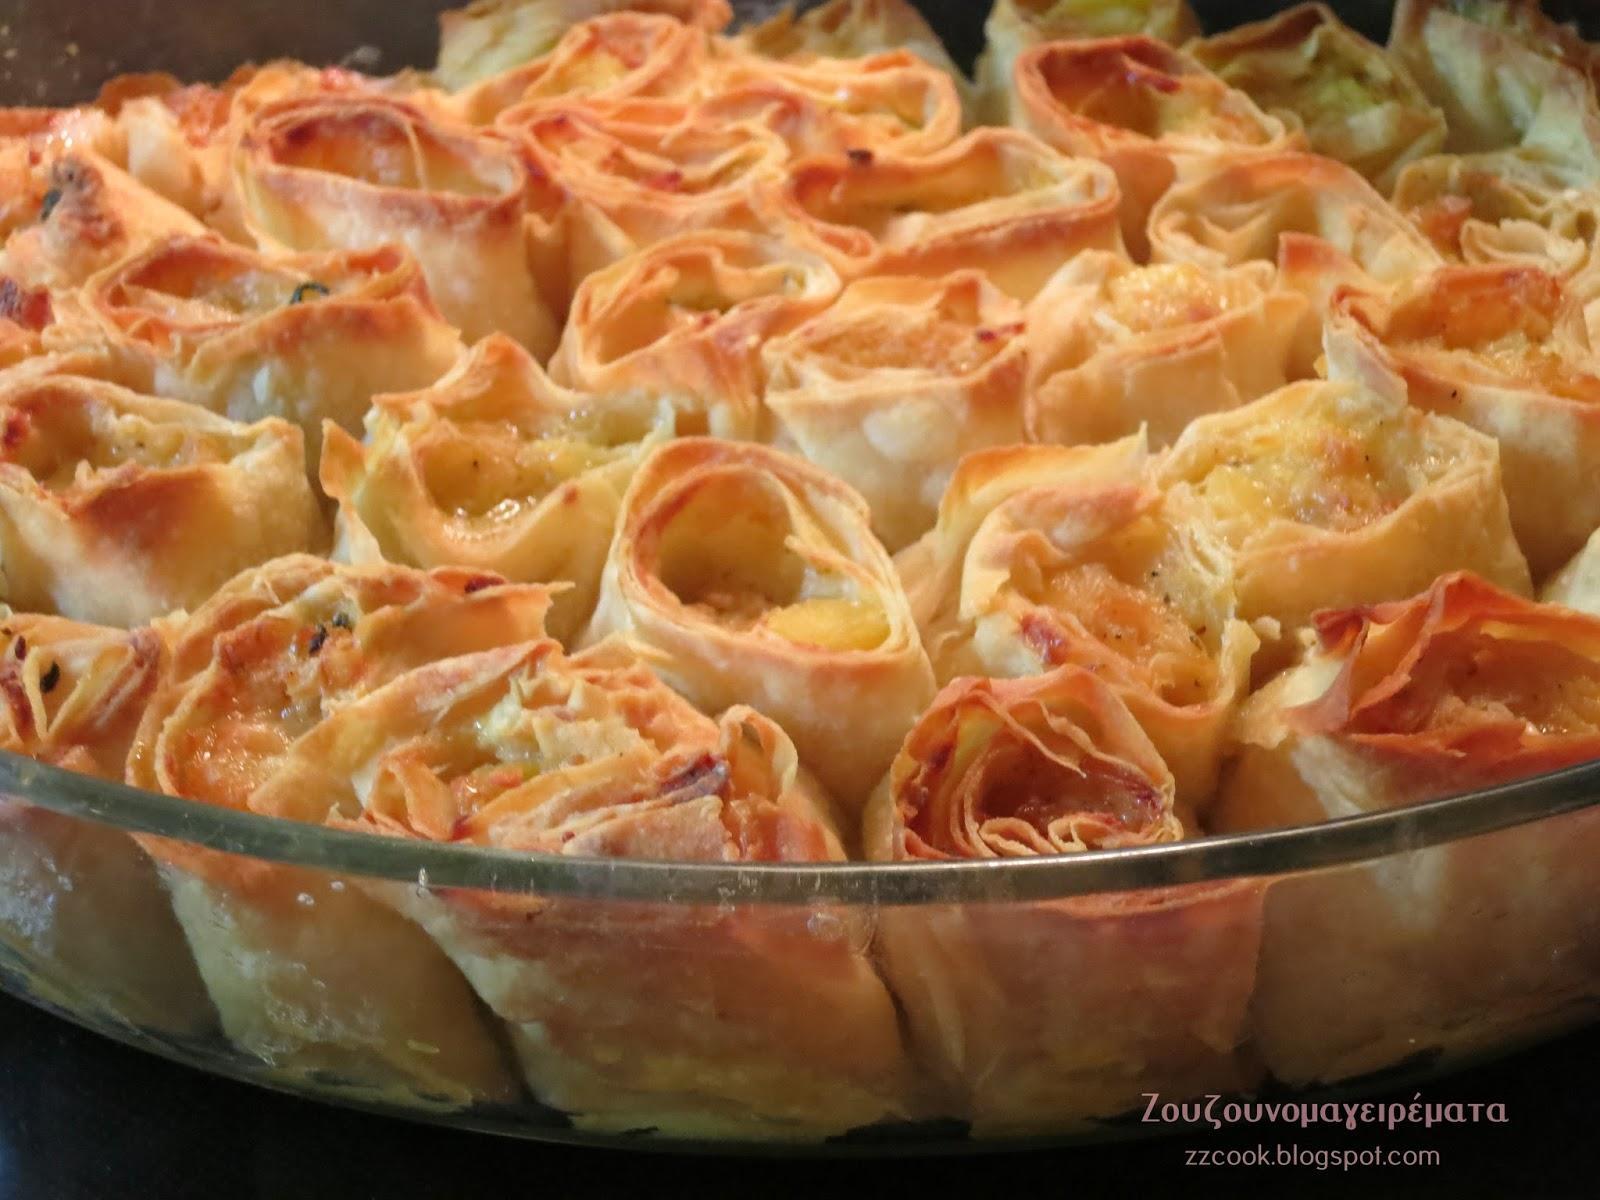 Τραγανές μπουκιές με νόστιμη γέμιση πατάτας και τυριών για μπουφέ και οχι μόνο !